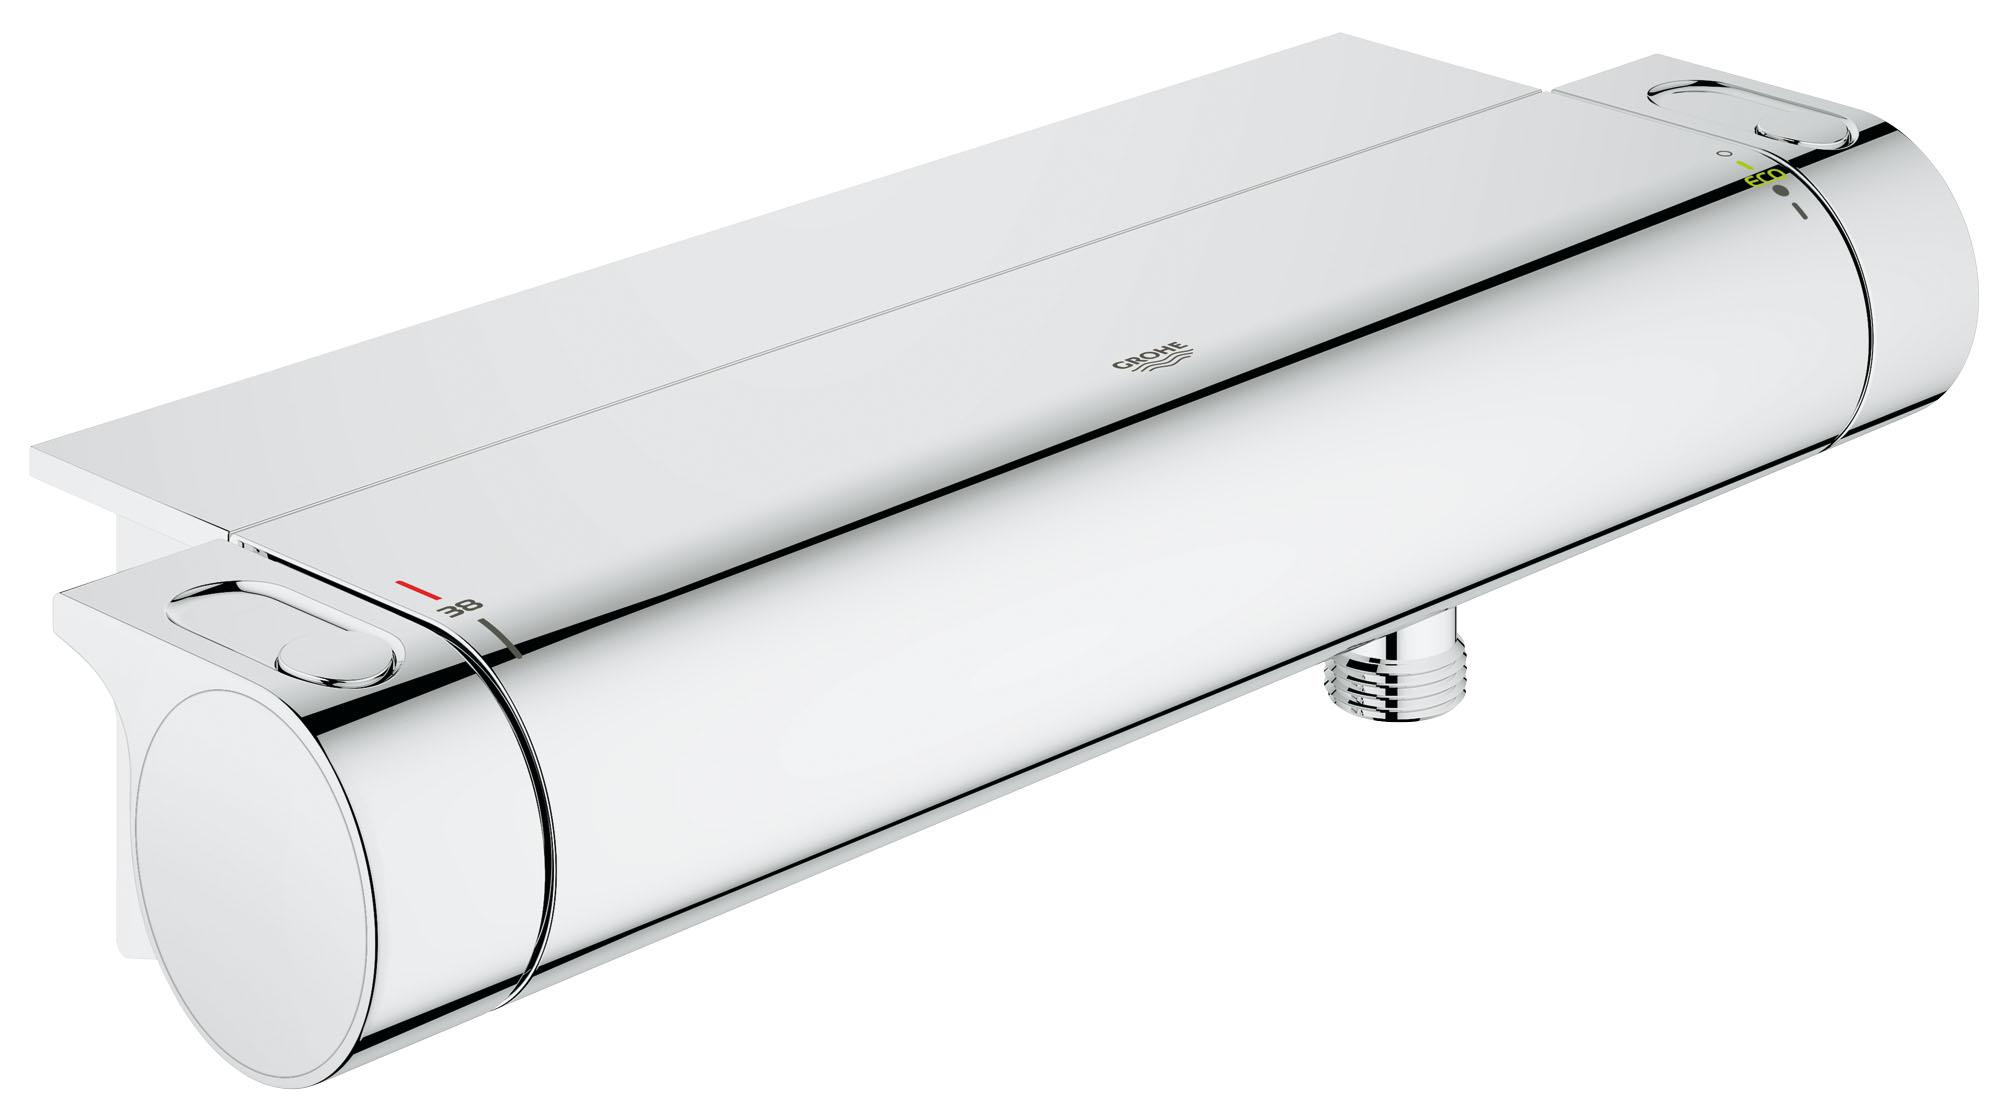 Термостат для душа GROHE Grohtherm 2000 с полочкой. (34469001)34469001Главные преимущества этого смесителя для душа — безопасность, которую обеспечивает термостатическое управление температурой воды, и высокий уровень эстетичности. Его регуляторы разработаны с расчетом на интуитивное управление легчайшим усилием. В конструкции применяется технология GROHE CoolTouch, которая предотвращает внешний нагрев корпуса и таким образом защищает от ожогов. Ограничитель SafeStop предохраняет пользователей от случайного включения слишком горячей воды. Смеситель комплектуется простой в уходе полочкой GROHE EasyReach, которая служит эффектным аксессуаром и обеспечивает место для хранения банных принадлежностей. Кроме того, данный термостат позволяет экономить до 50% воды в режиме водосбережения без ущерба для комфорта: это поможет вам полноценно наслаждаться купанием.Особенностинастенный монтаж GROHE CoolTouch безопасный корпус GROHE StarLight хромированная поверхность GROHE TurboStat встроенный термоэлемент GROHE EcoJoy Технология совершенного потока при уменьшенном расходе водывстроенный стопор смешанной воды Carbodur керамический вентиль 1/2?, 180° рукоятка расхода с экономичной кнопкой GROHE EcoButton и индивидуально устанавливаемым стопором рукоятка выбора температуры со стопором при 38°C отвод для душа снизу 1/2? встроенные обратные клапаны грязеулавливающие фильтры скрытые S-образные эксцентрики с защитой от обратного потока GROHE EasyReach™ полочка съемнаяВидео по установке является исключительно информационным. Установка должна проводиться профессионалами!